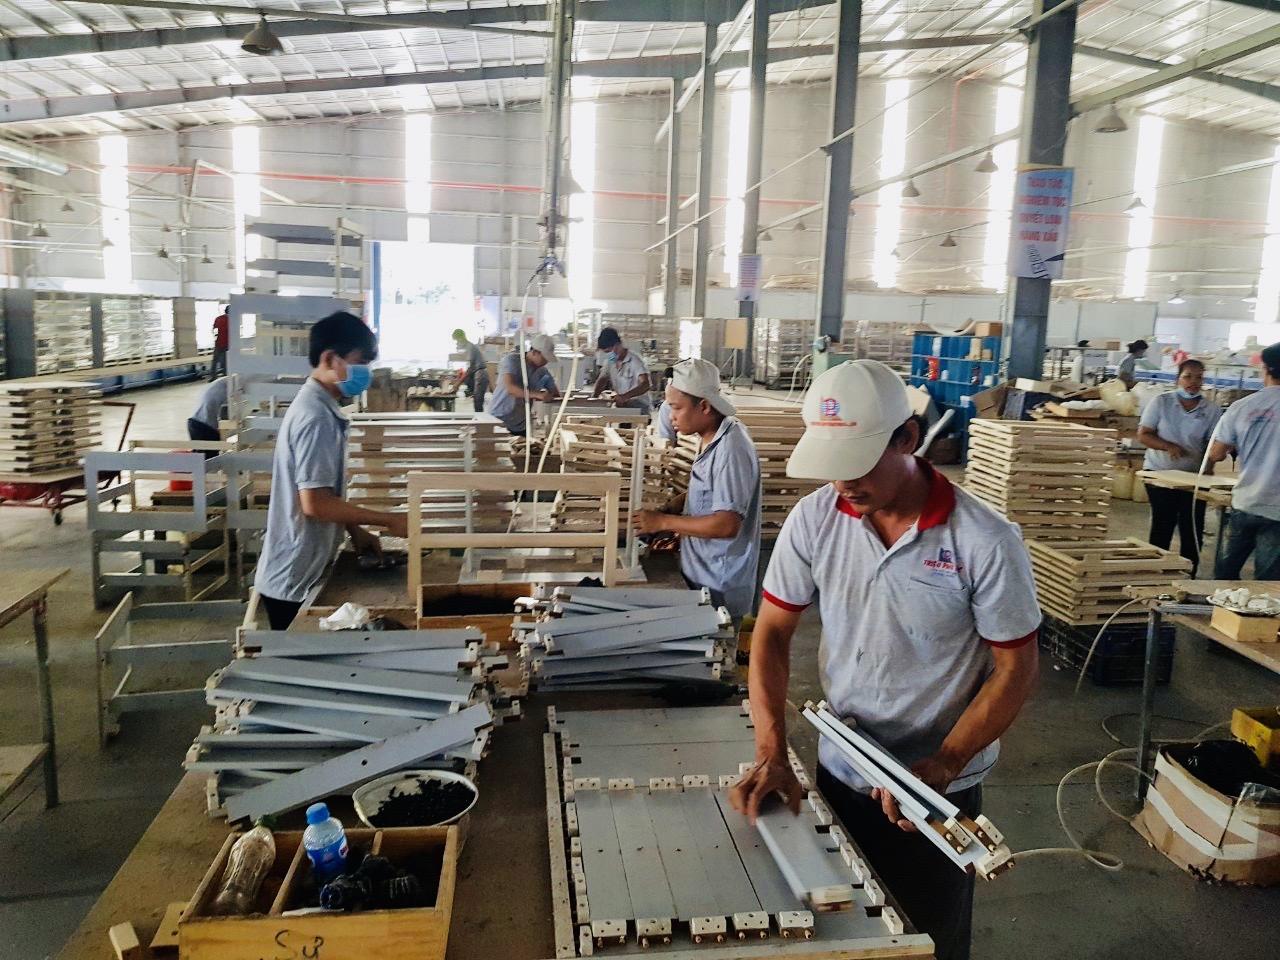 Hoạt động sản xuất tại Công ty Triệu Phú Lộc, huyện Bắc Tân Uyên. Ảnh: Báo Bình Dương